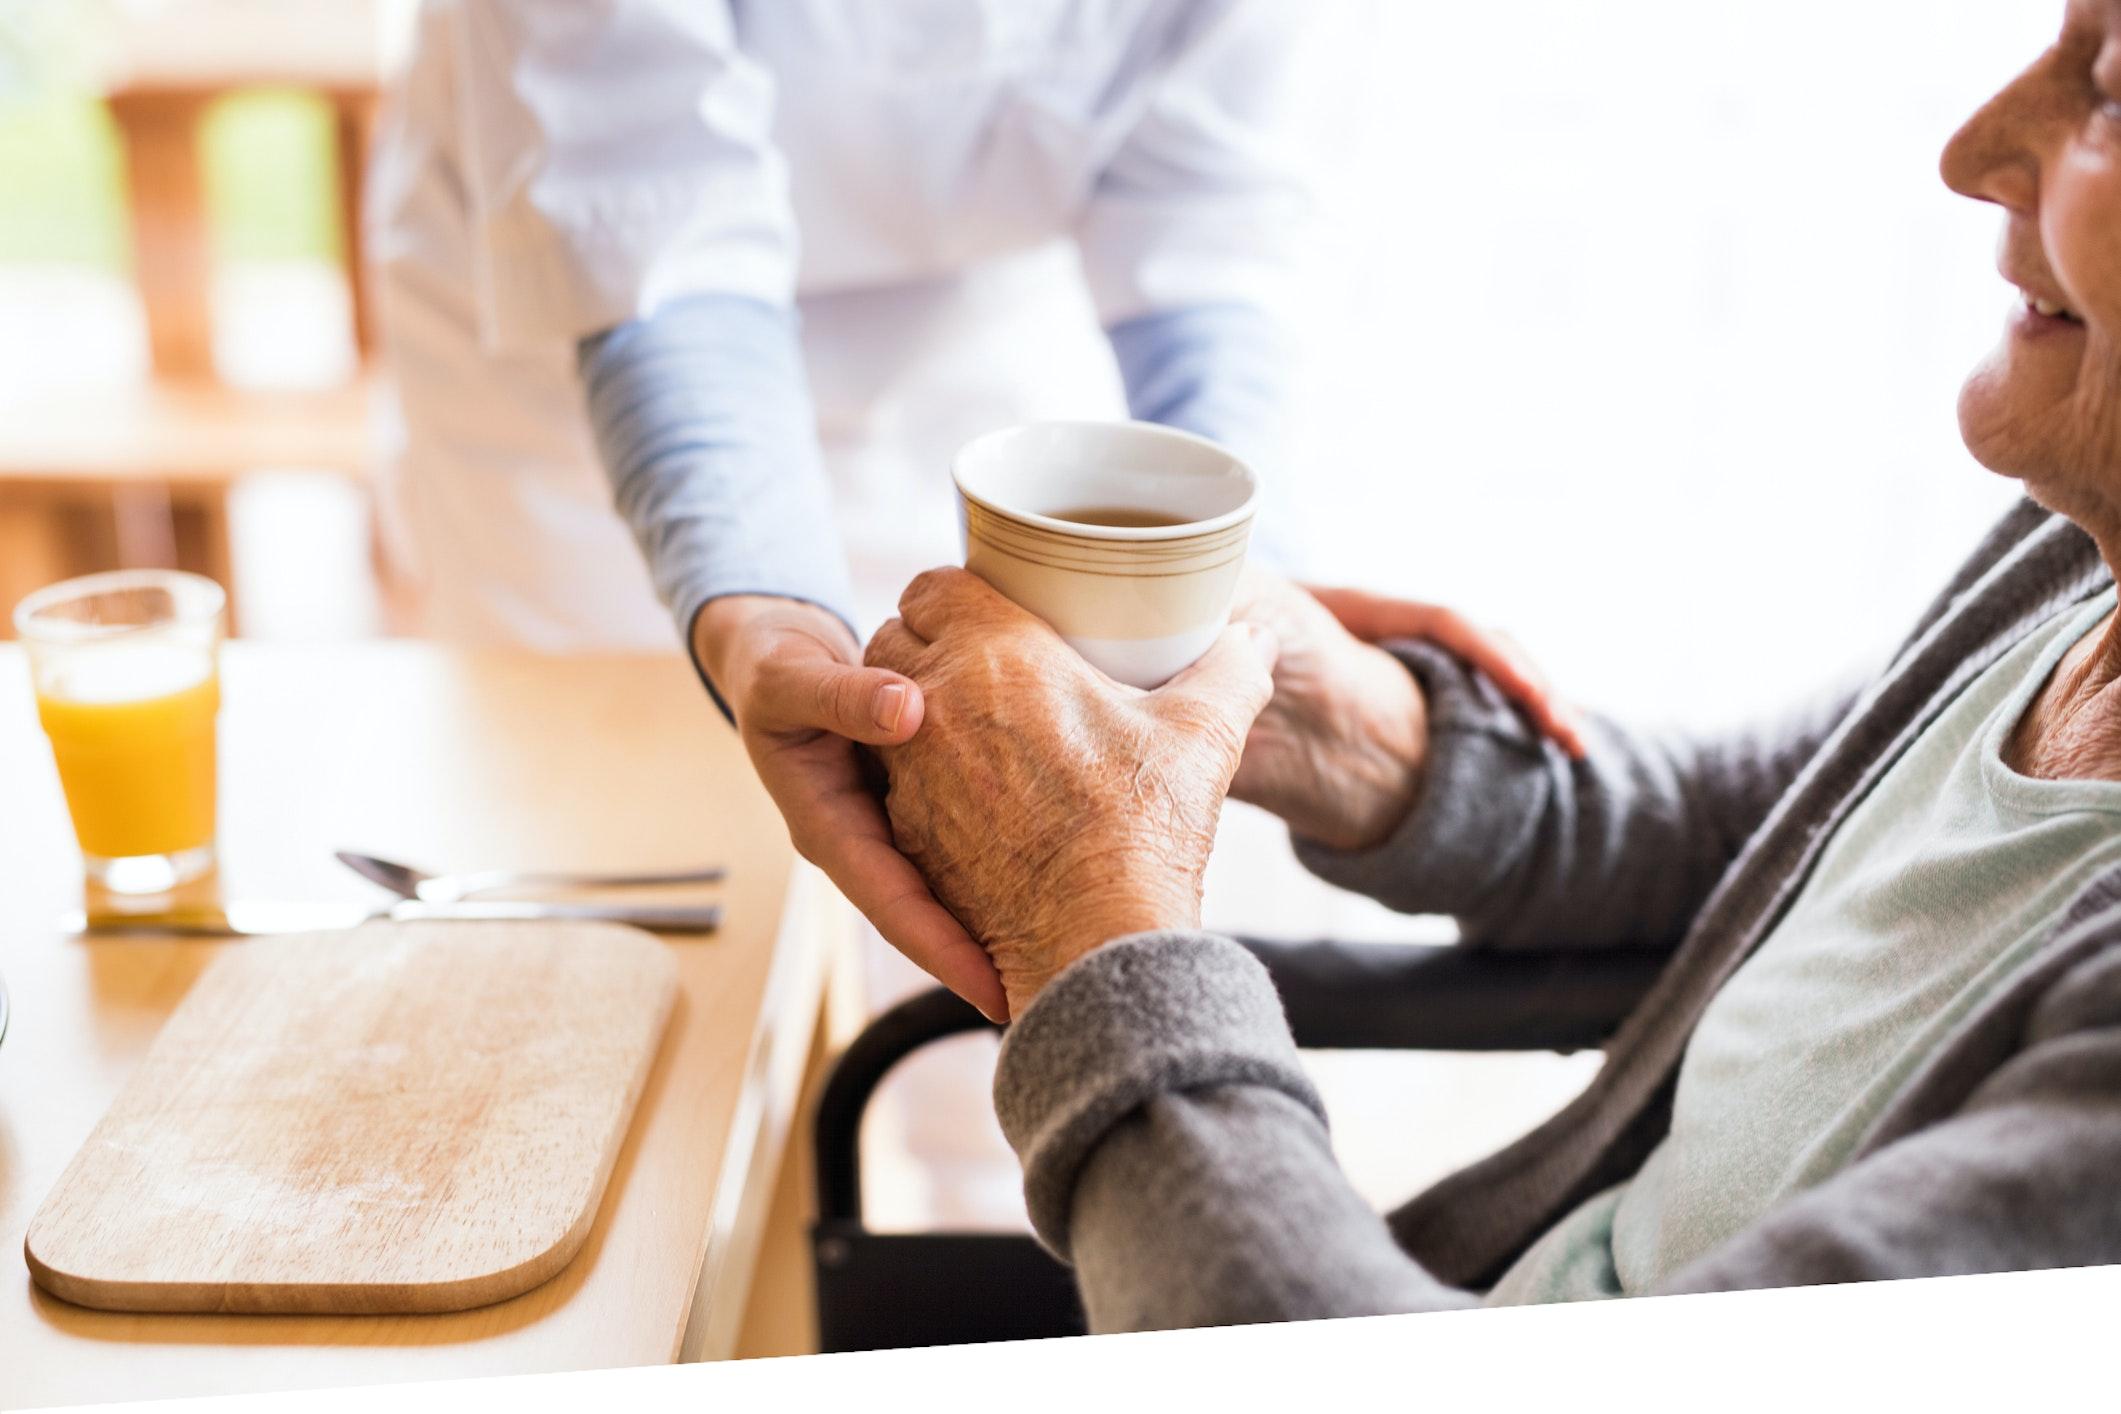 Altenpflegerin reicht betagter Dame einen Kaffeebecher